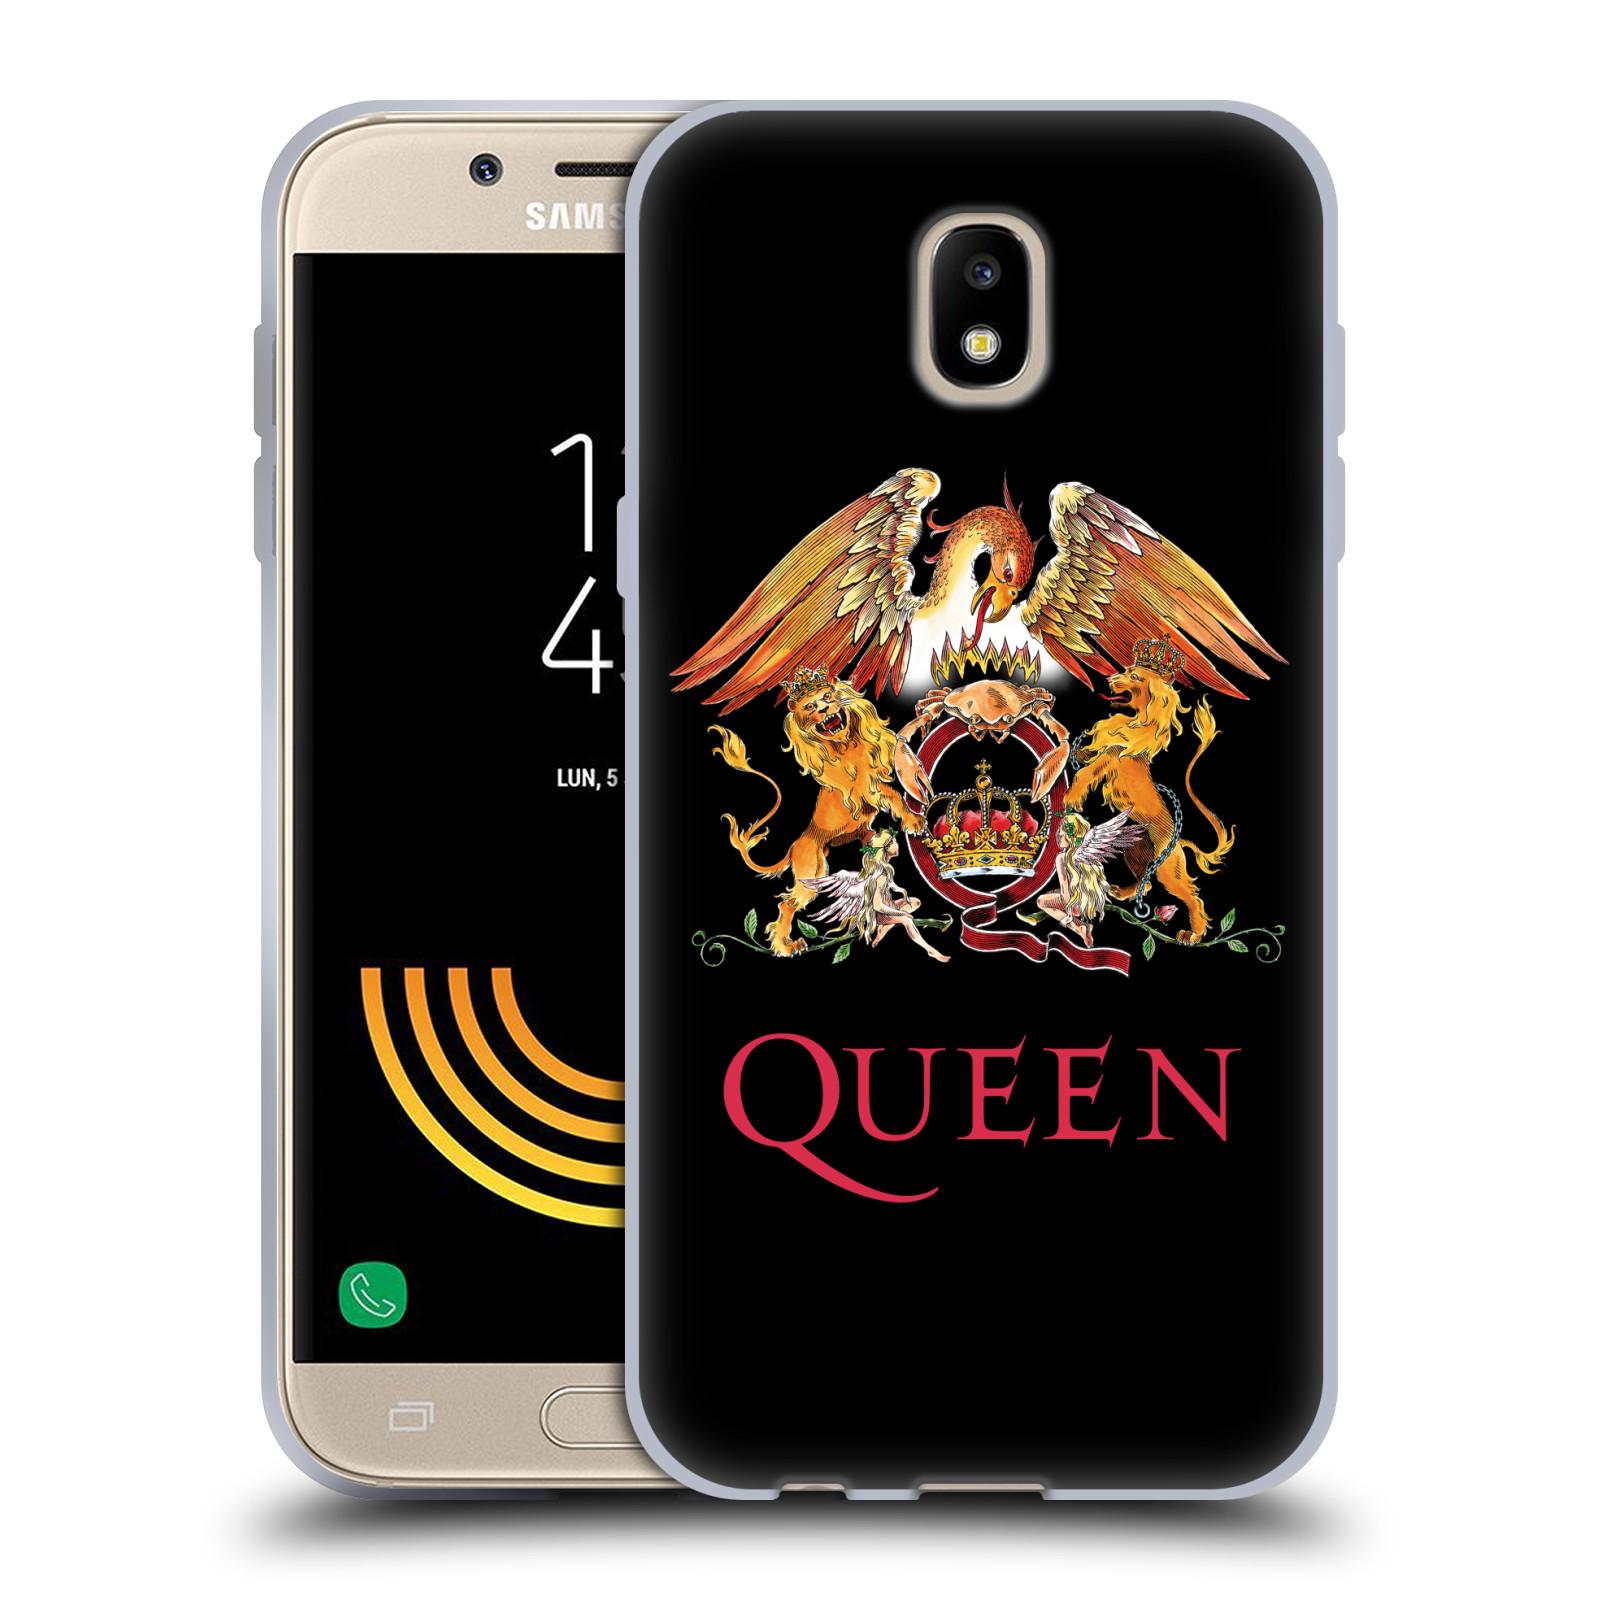 Silikonové pouzdro na mobil Samsung Galaxy J5 (2017) - Head Case - Queen - Logo